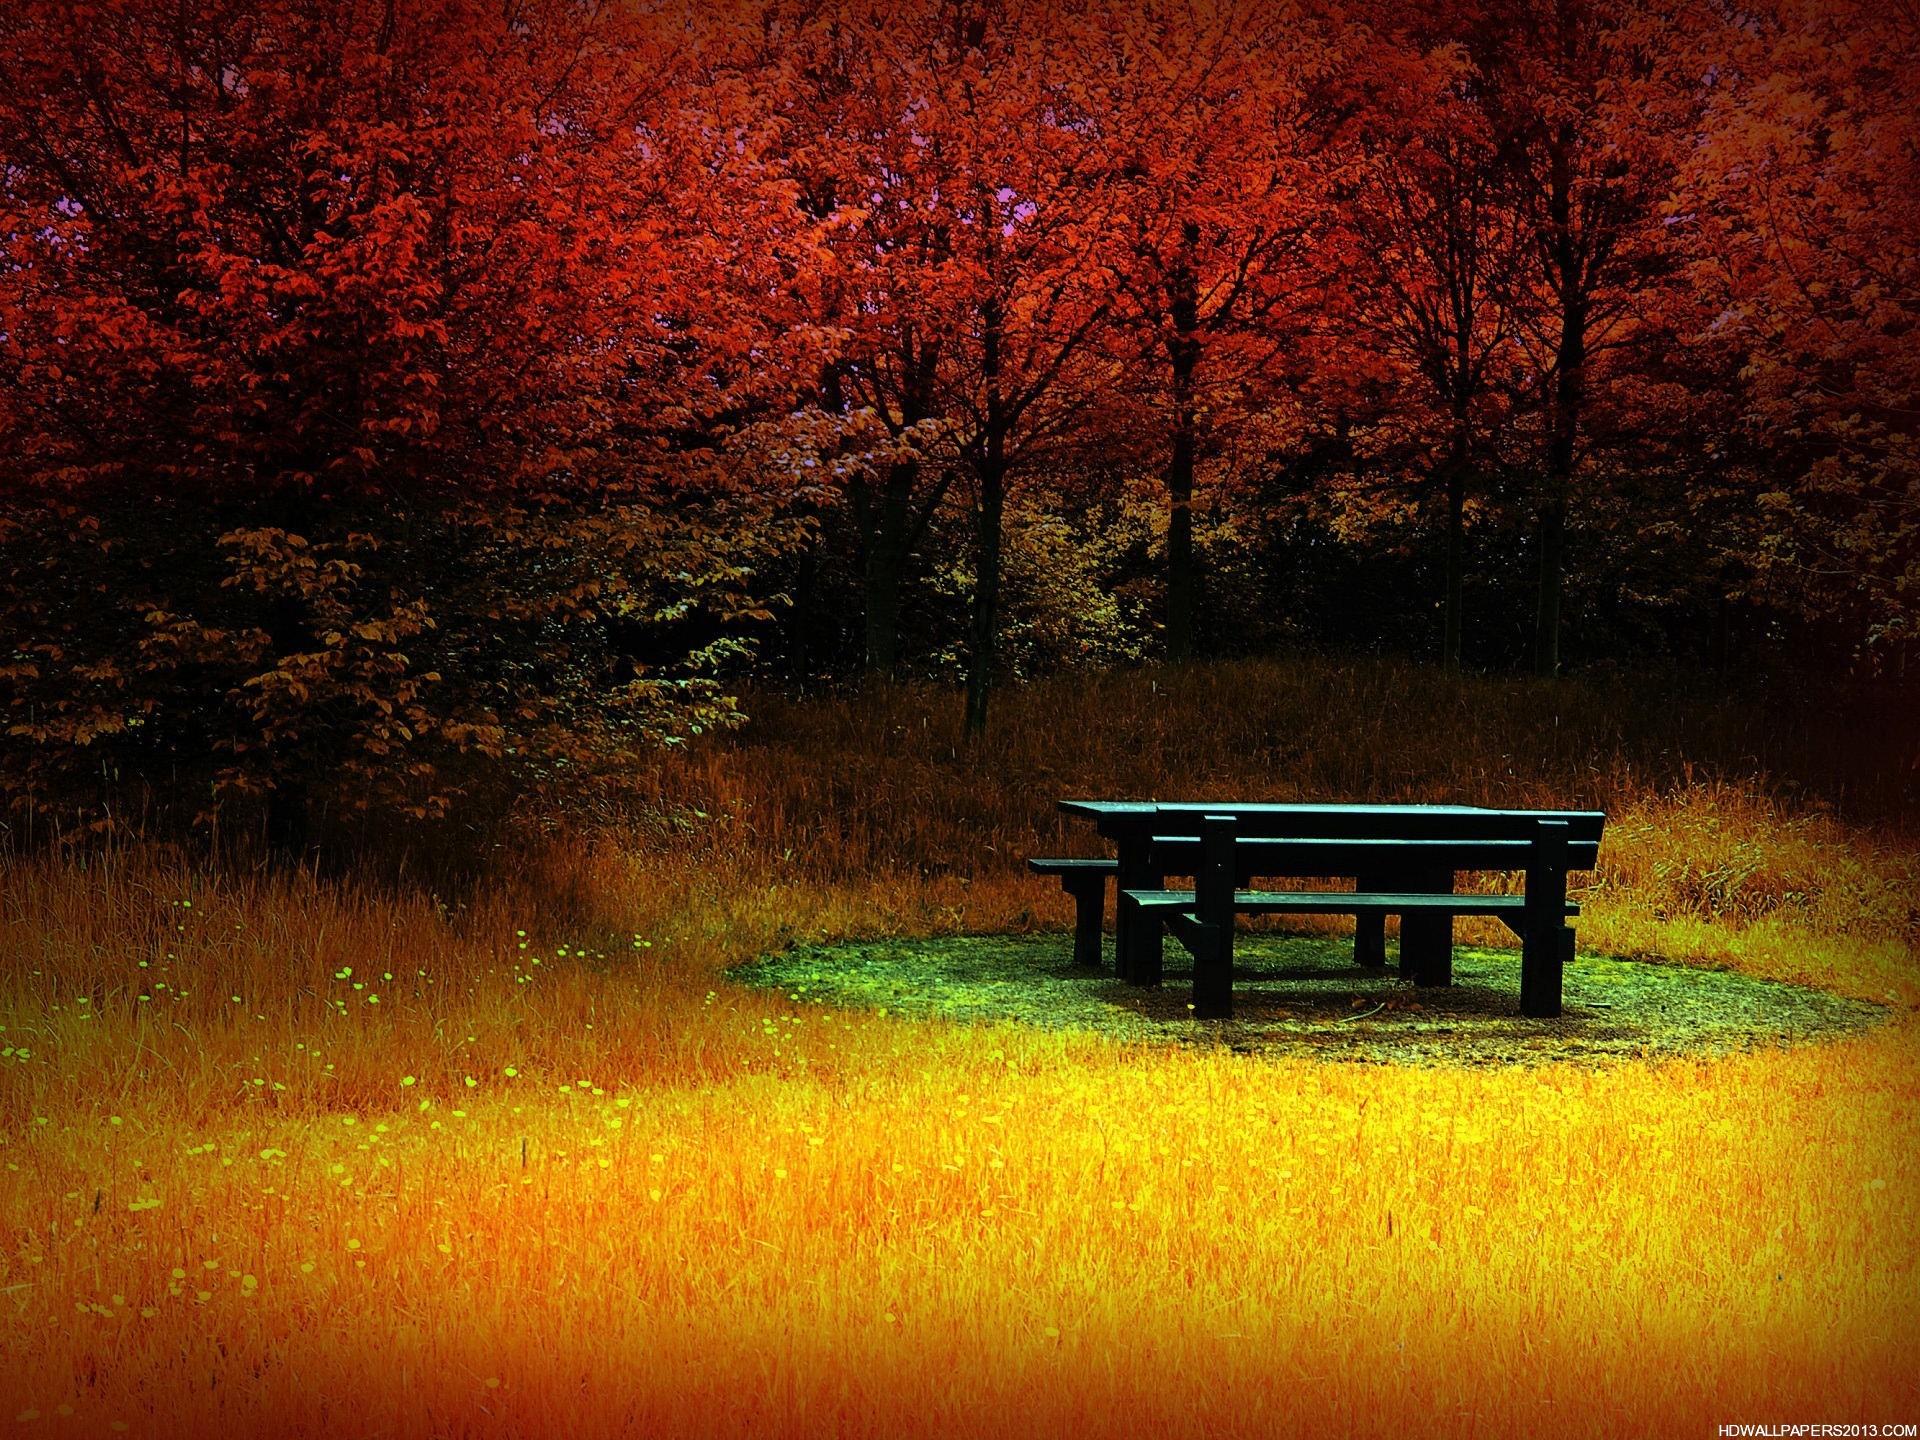 Autumn Desktop Wallpaper High Definition Wallpapers High Definition 1920x1440